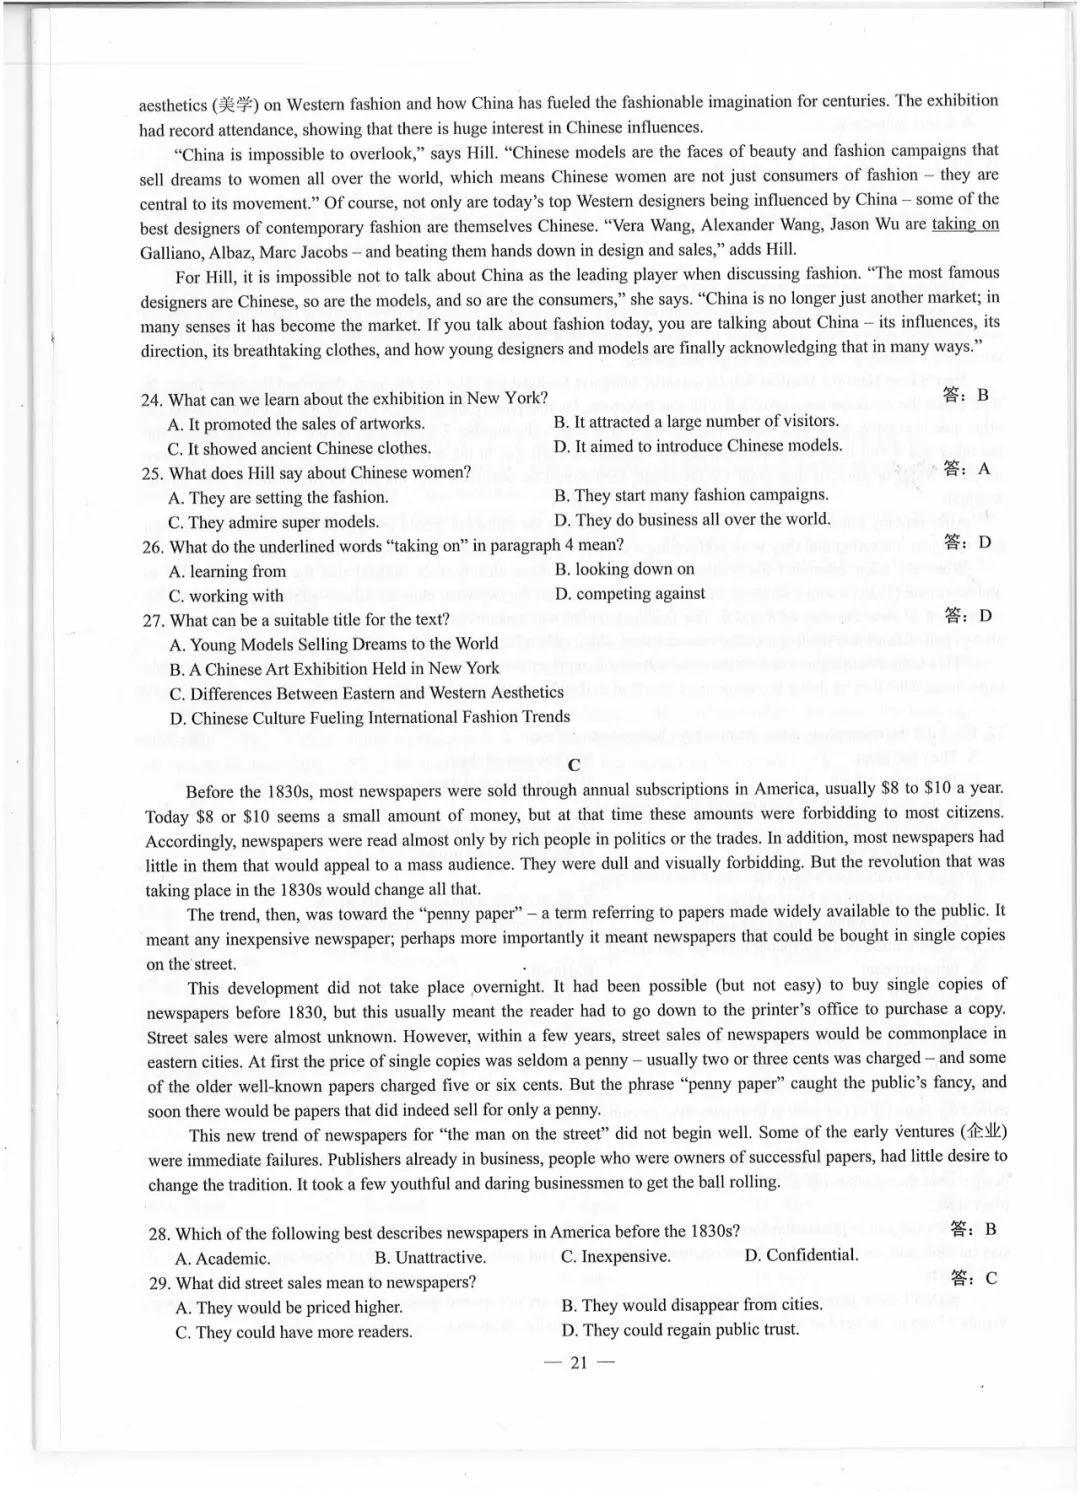 2019贵州高考各科试题及答案在这里